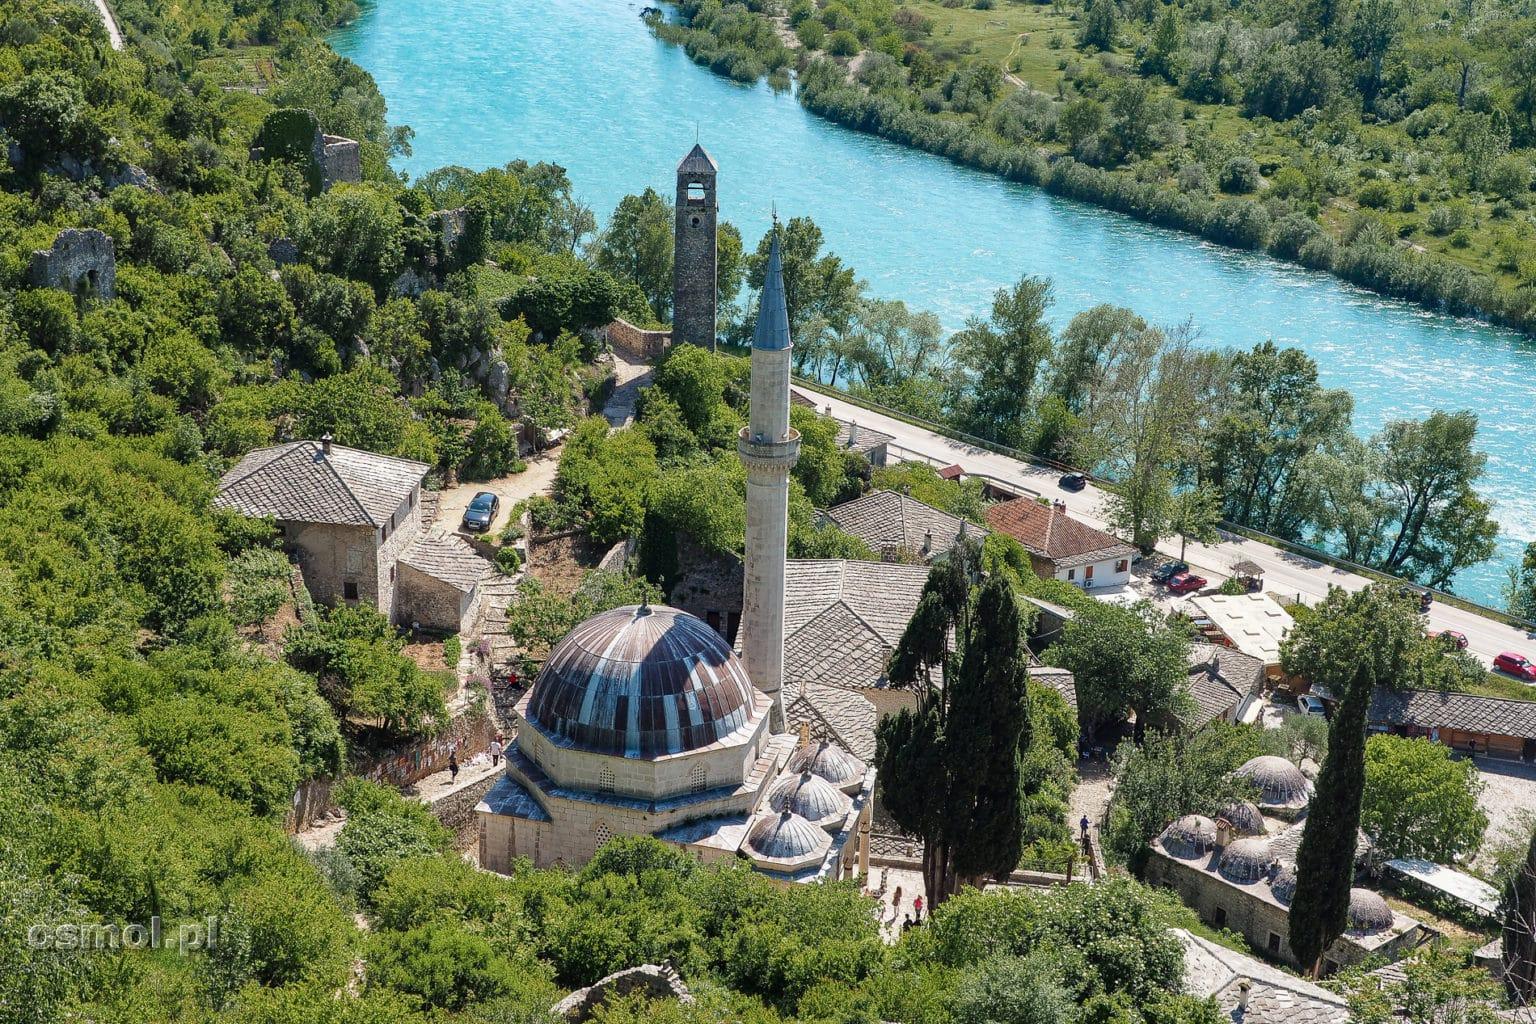 Pocitelj widok z zamku na Neretwę i wioskę